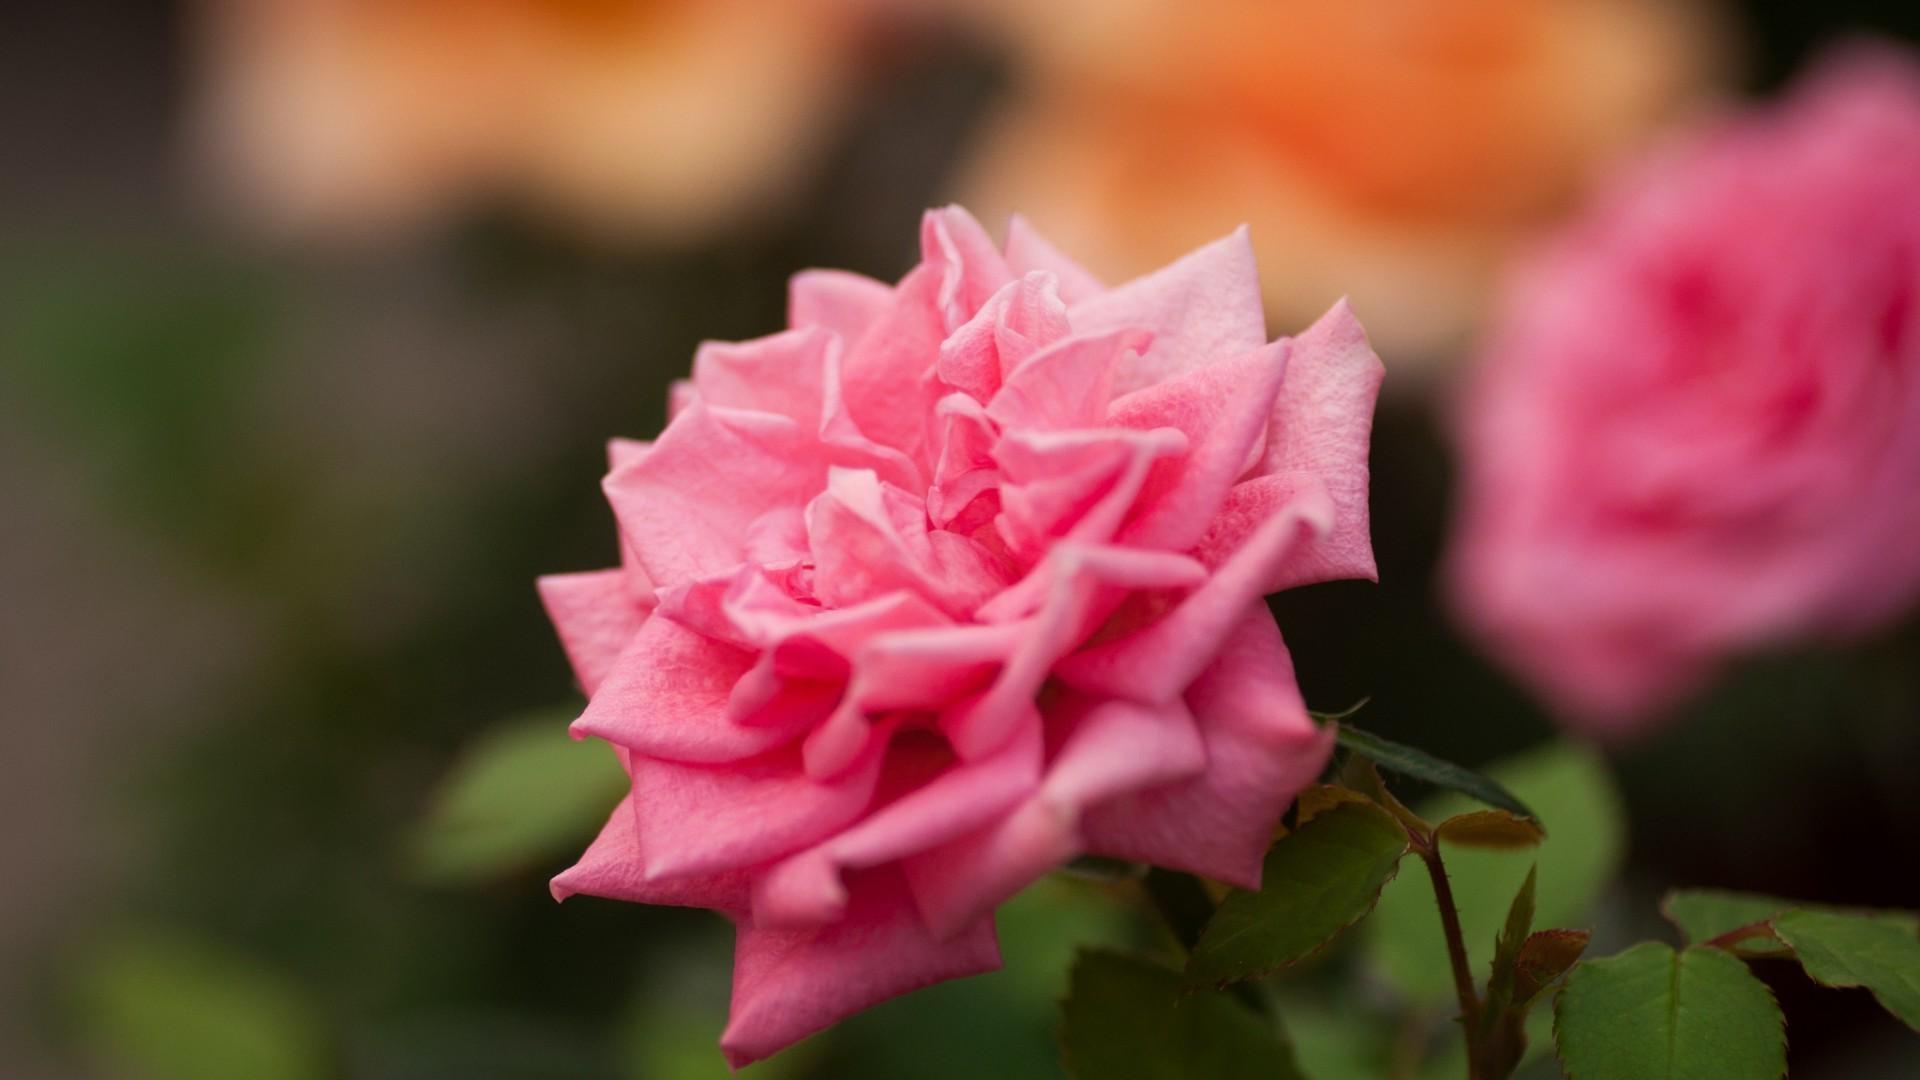 картинки цветов роз на компьютер правильно оценить образ